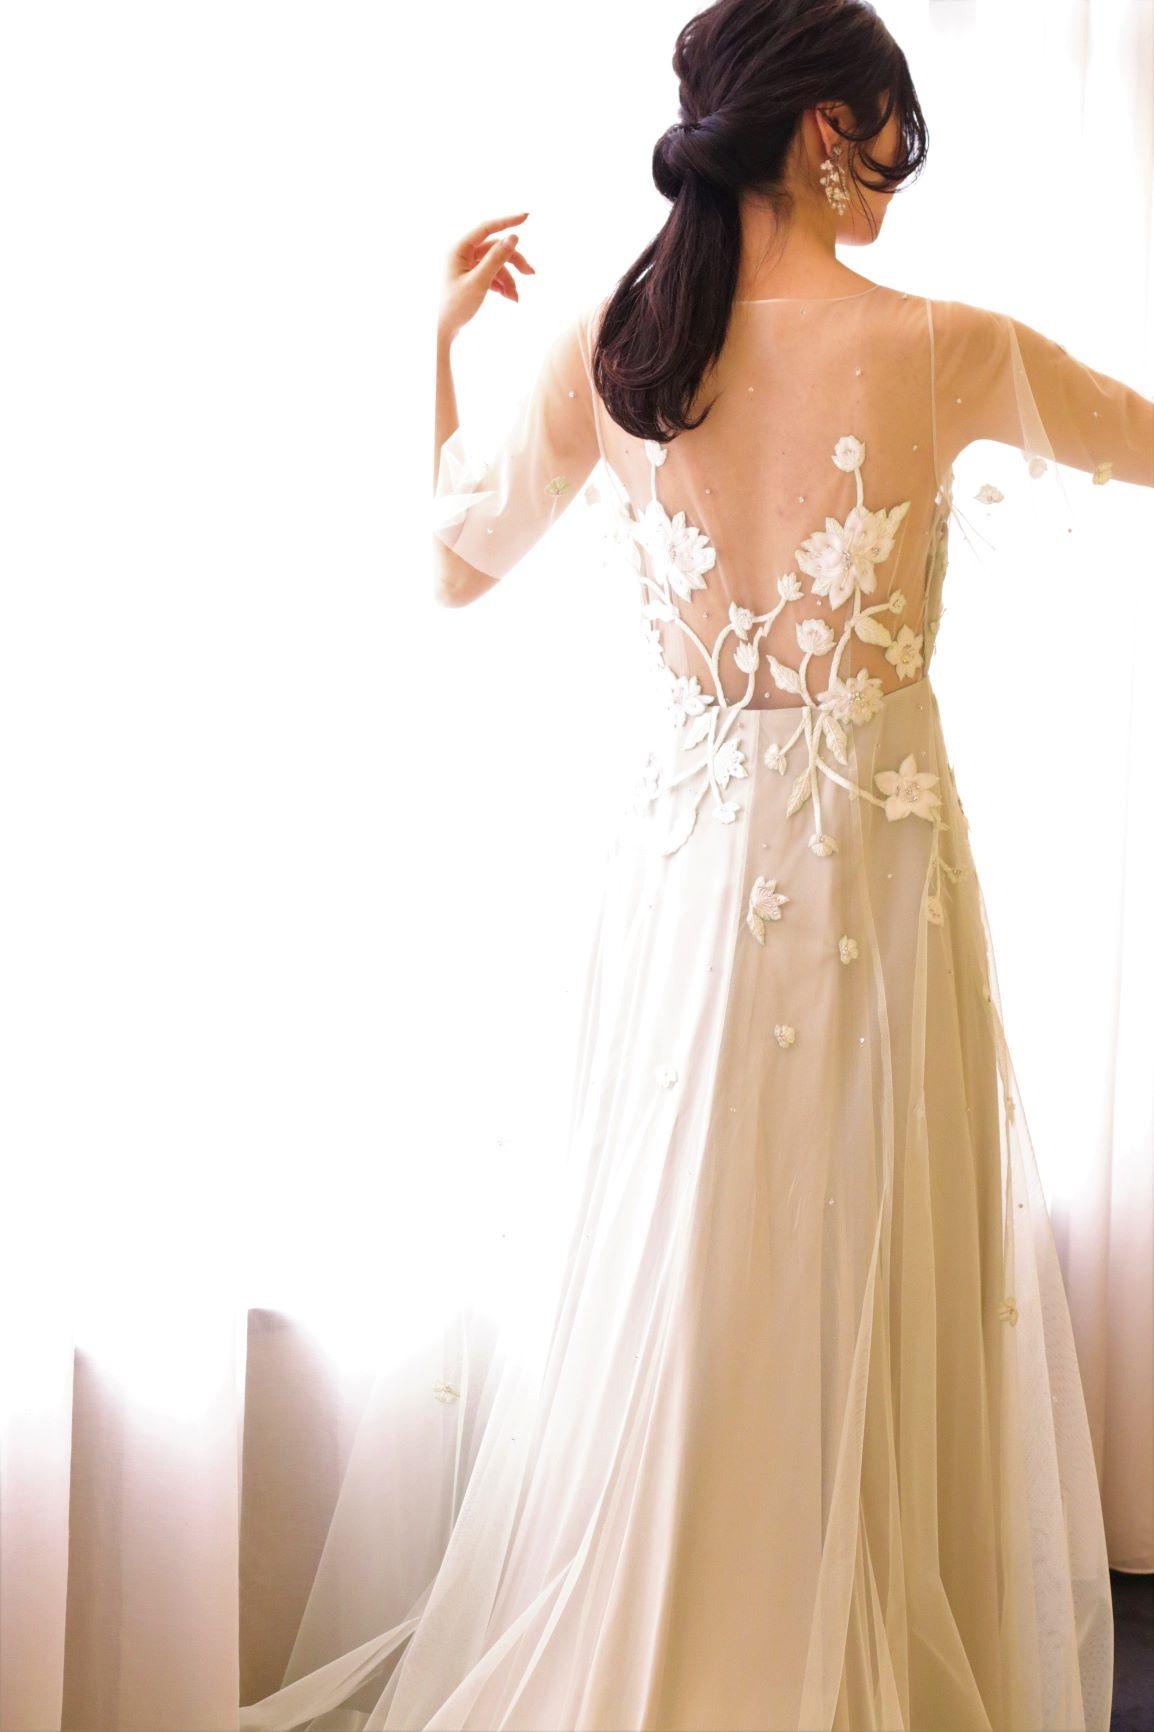 ナチュラルさとフェミニンな印象で花嫁様に大人気のドレスブランド、アレクサンドラグレッコより届いたモスグリーンのカラードレスは、バックスタイルにも華やかな刺繍が施され、360度どこから見ても美しいドレスです